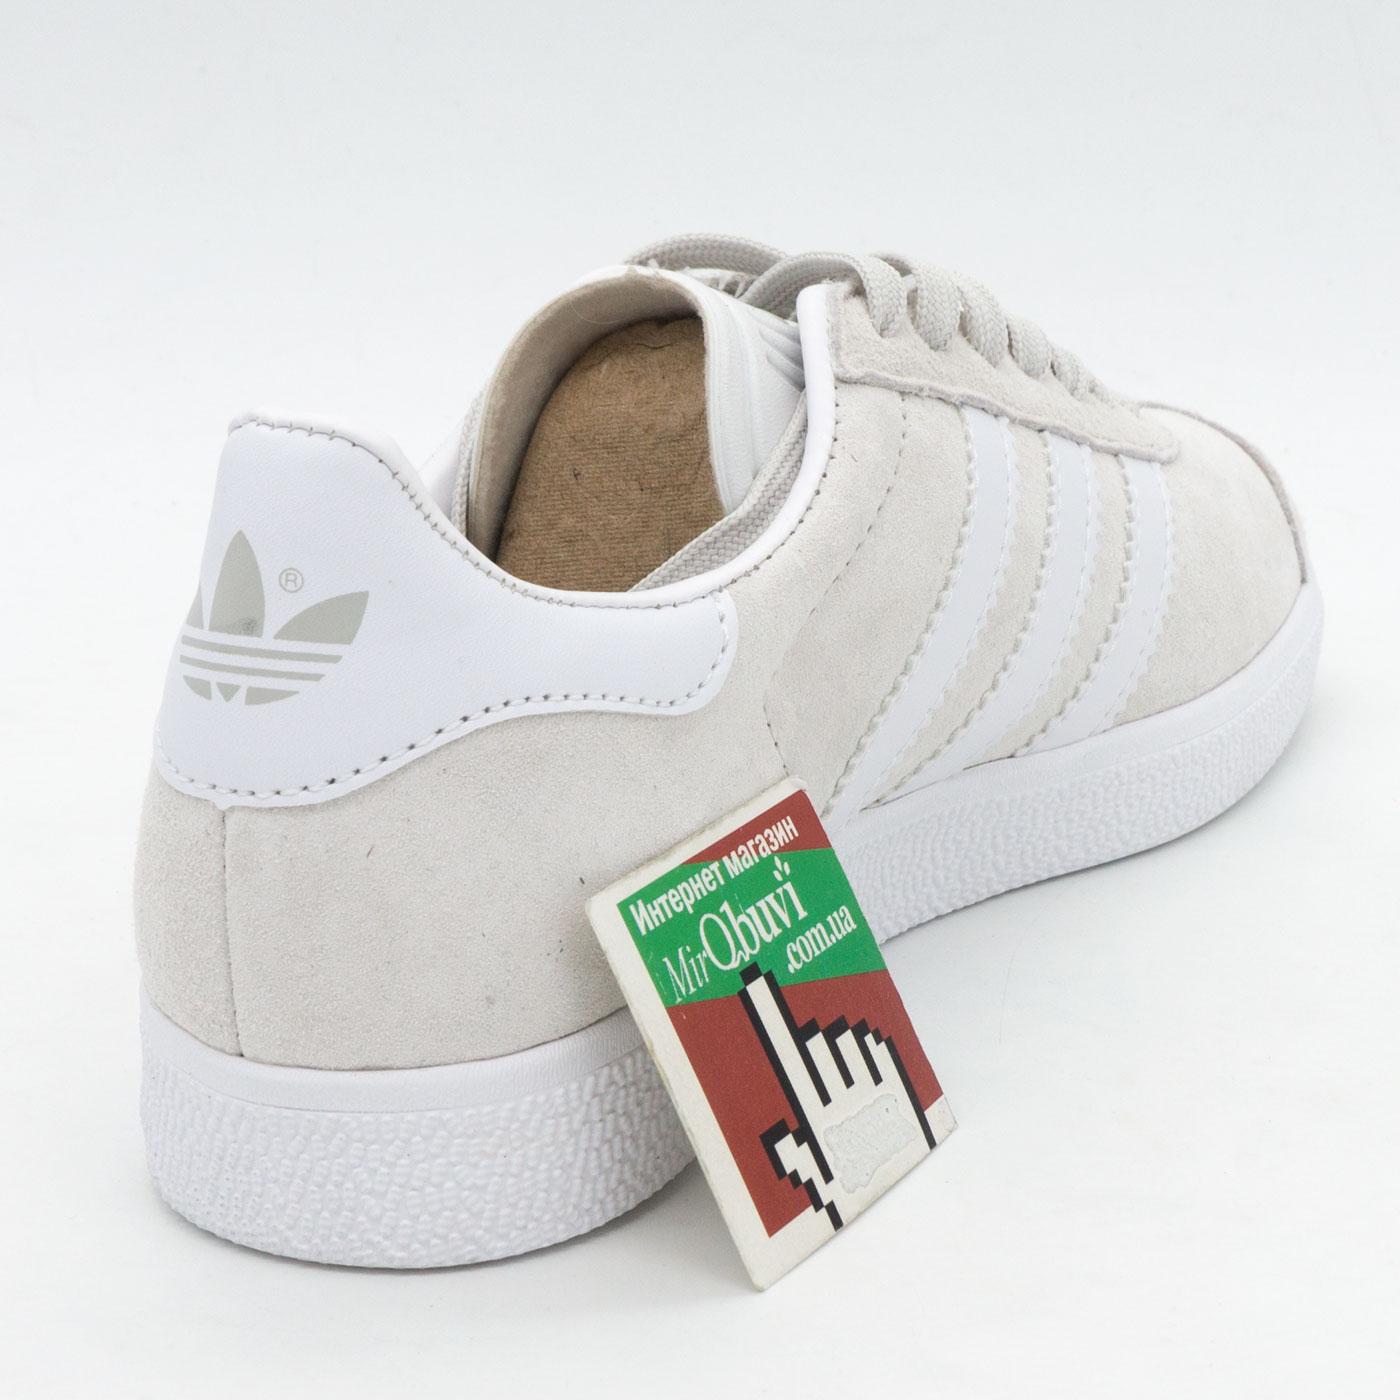 фото back Светло серые кроссовки Adidas Gazelle натуральная замша,  Vietnam - Топ качество! back